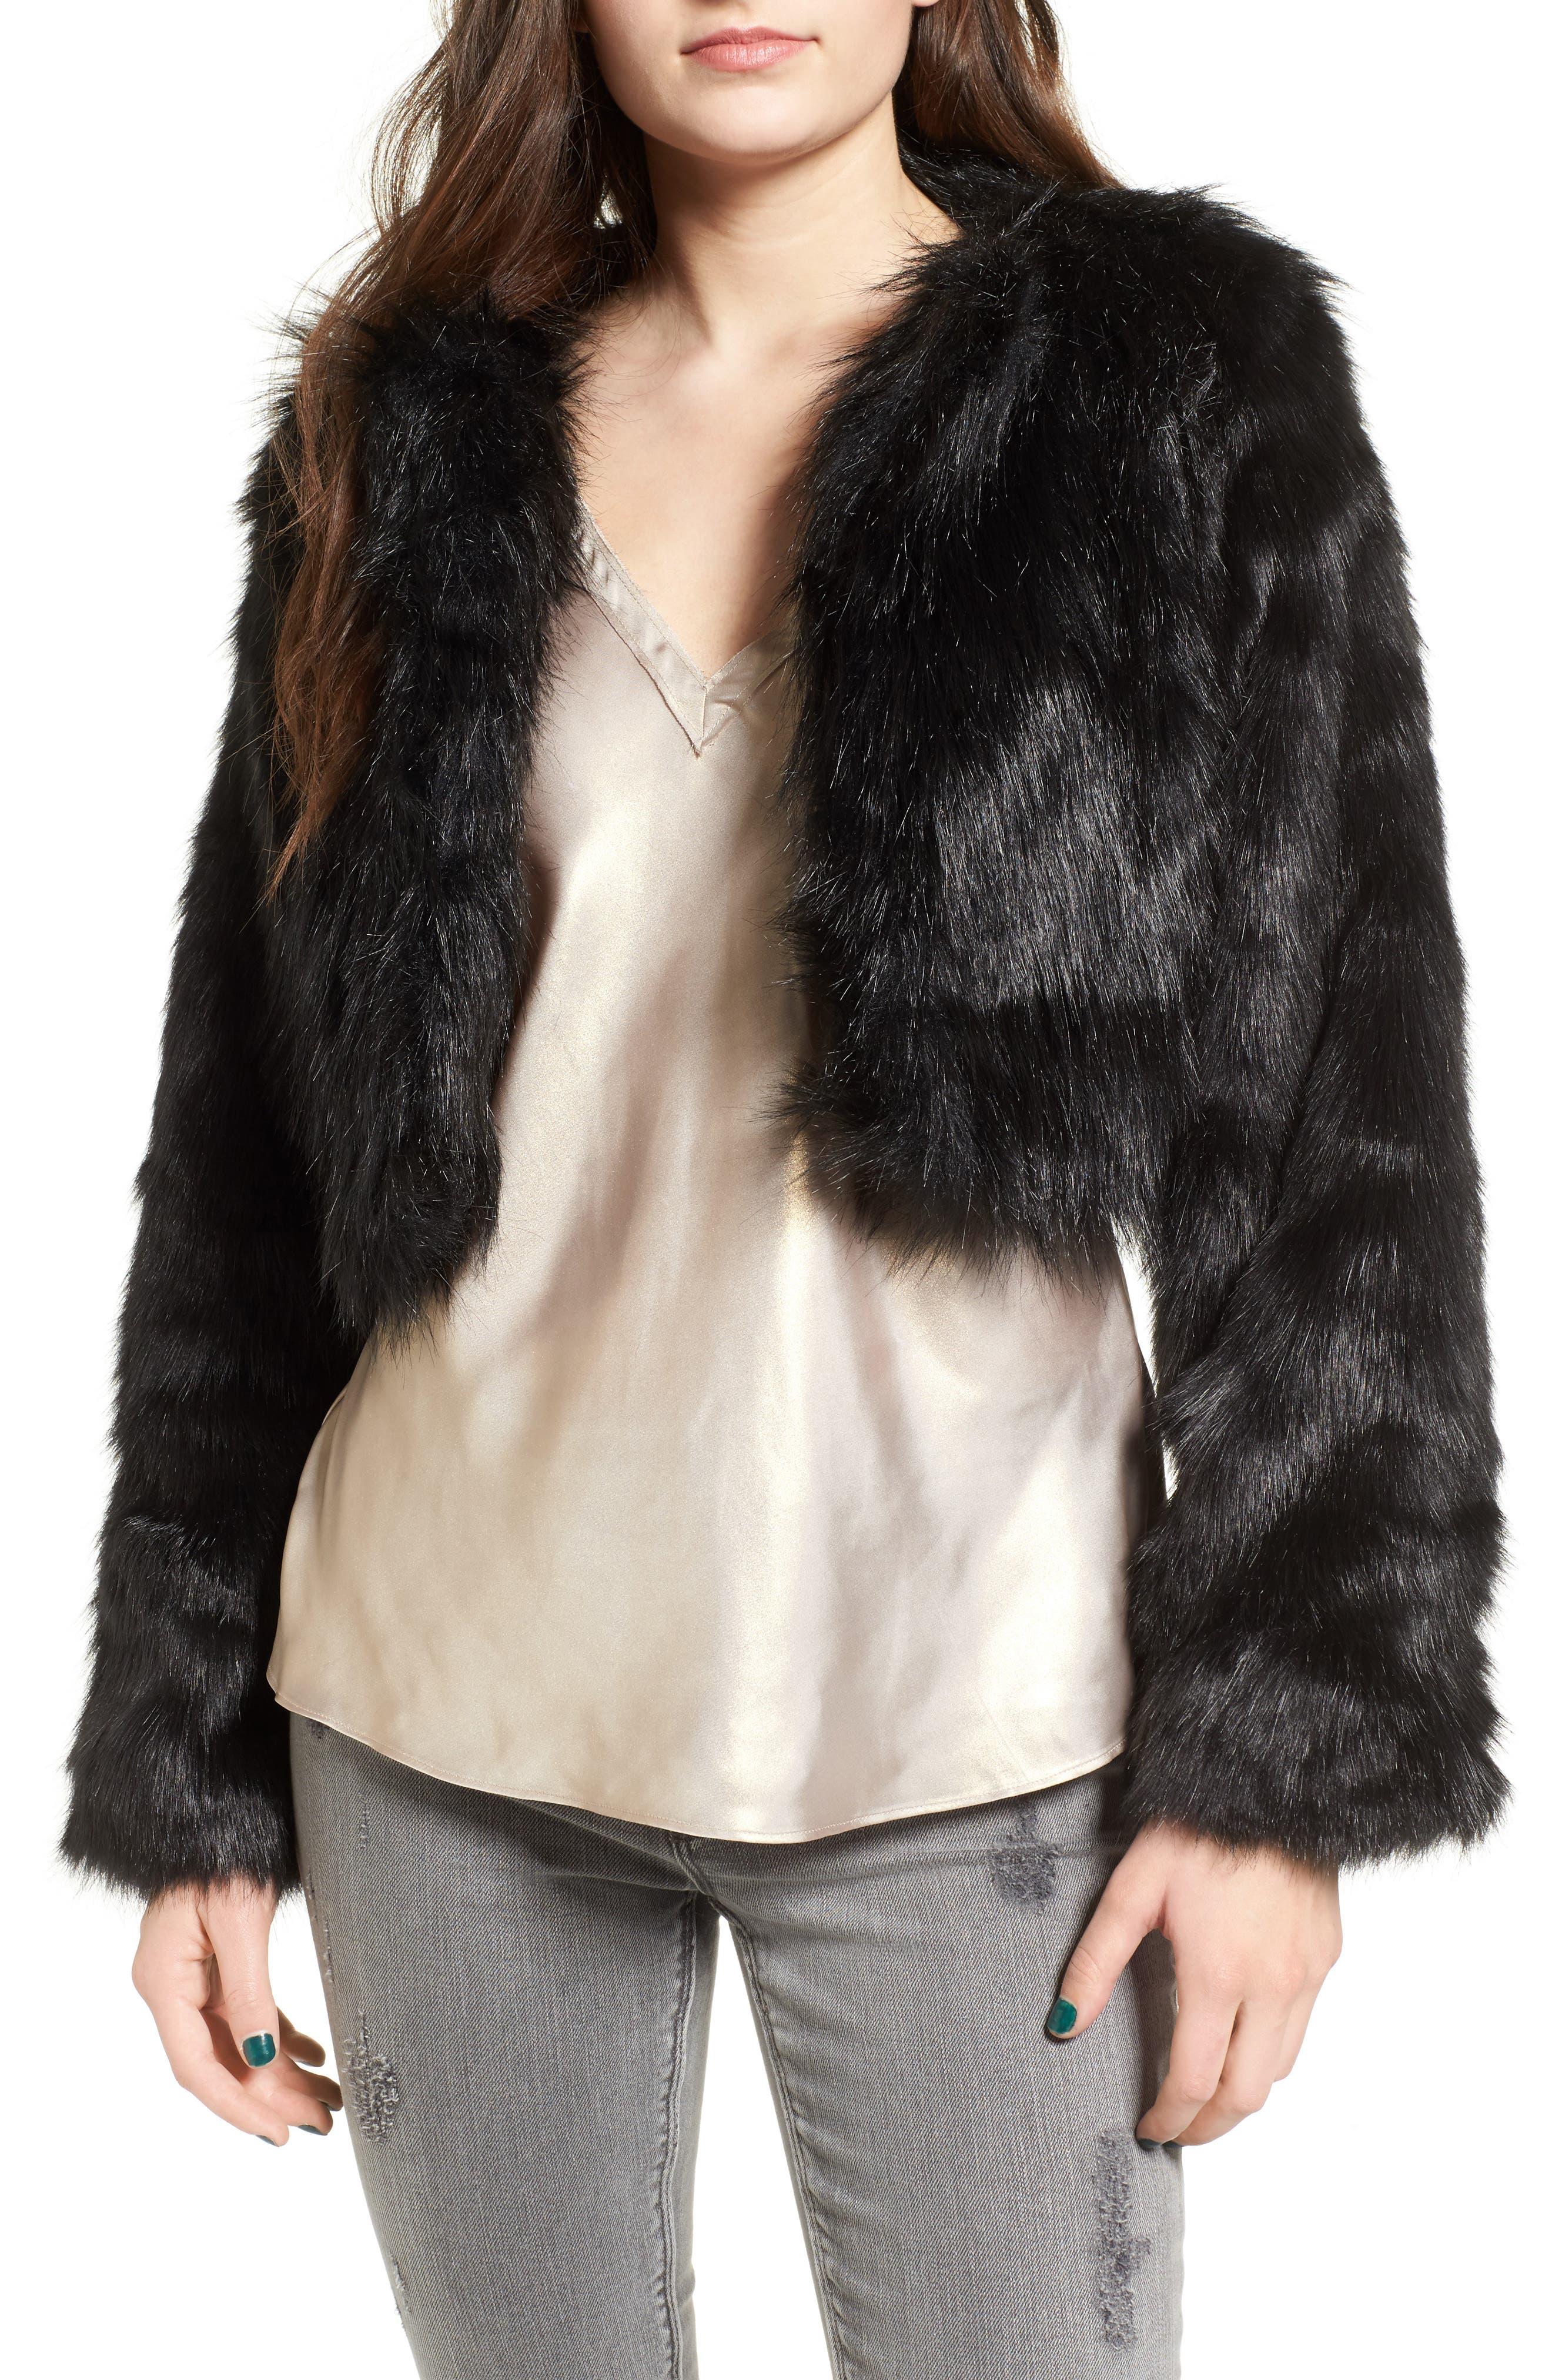 LOVE, FIRE Fire Faux Fur Jacket, Main, color, 001